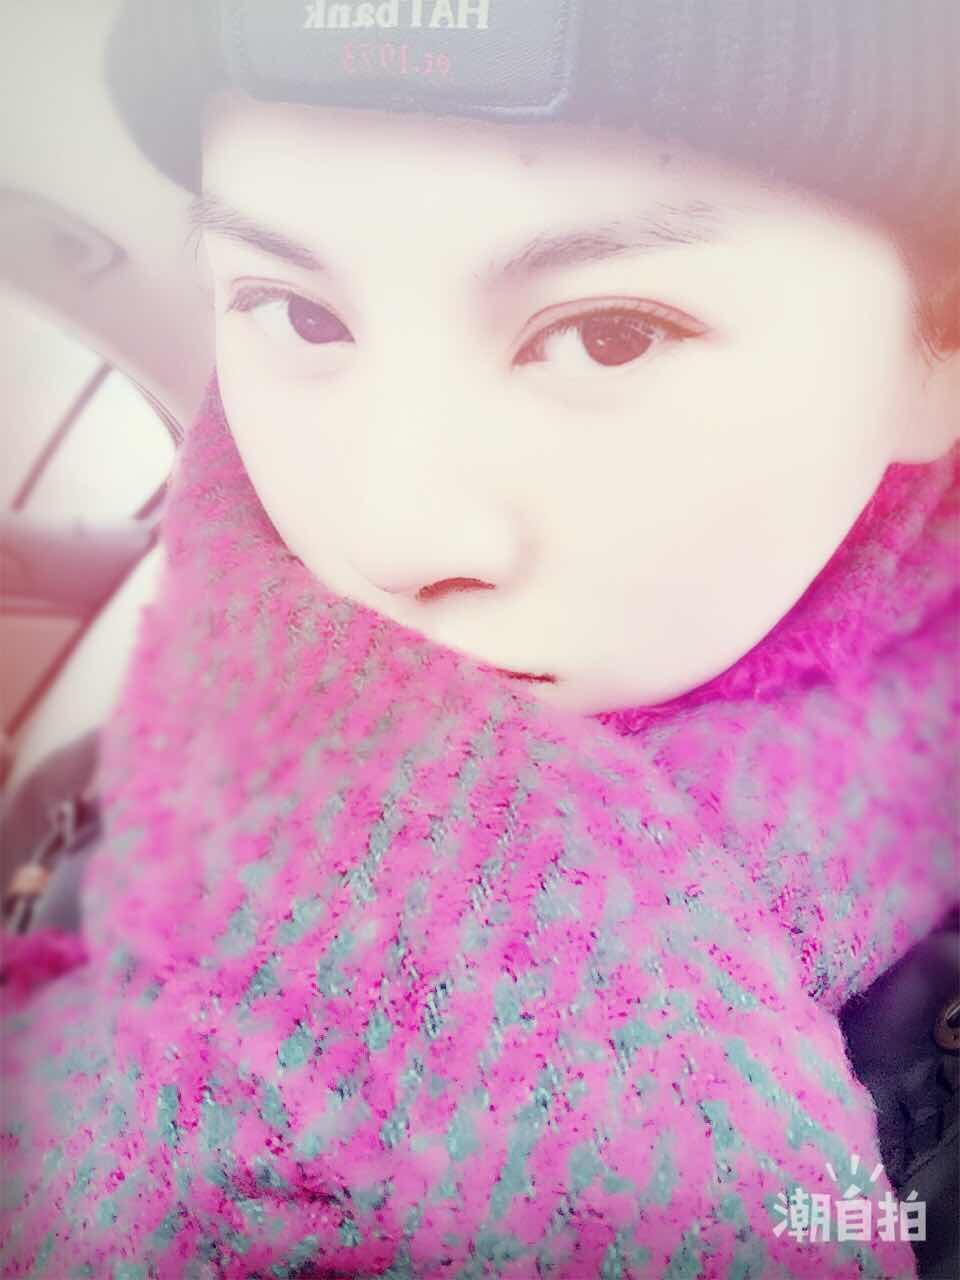 微创双眼皮是长期的吗,现在照片,本来就双眼皮,加宽了,韩式定位。